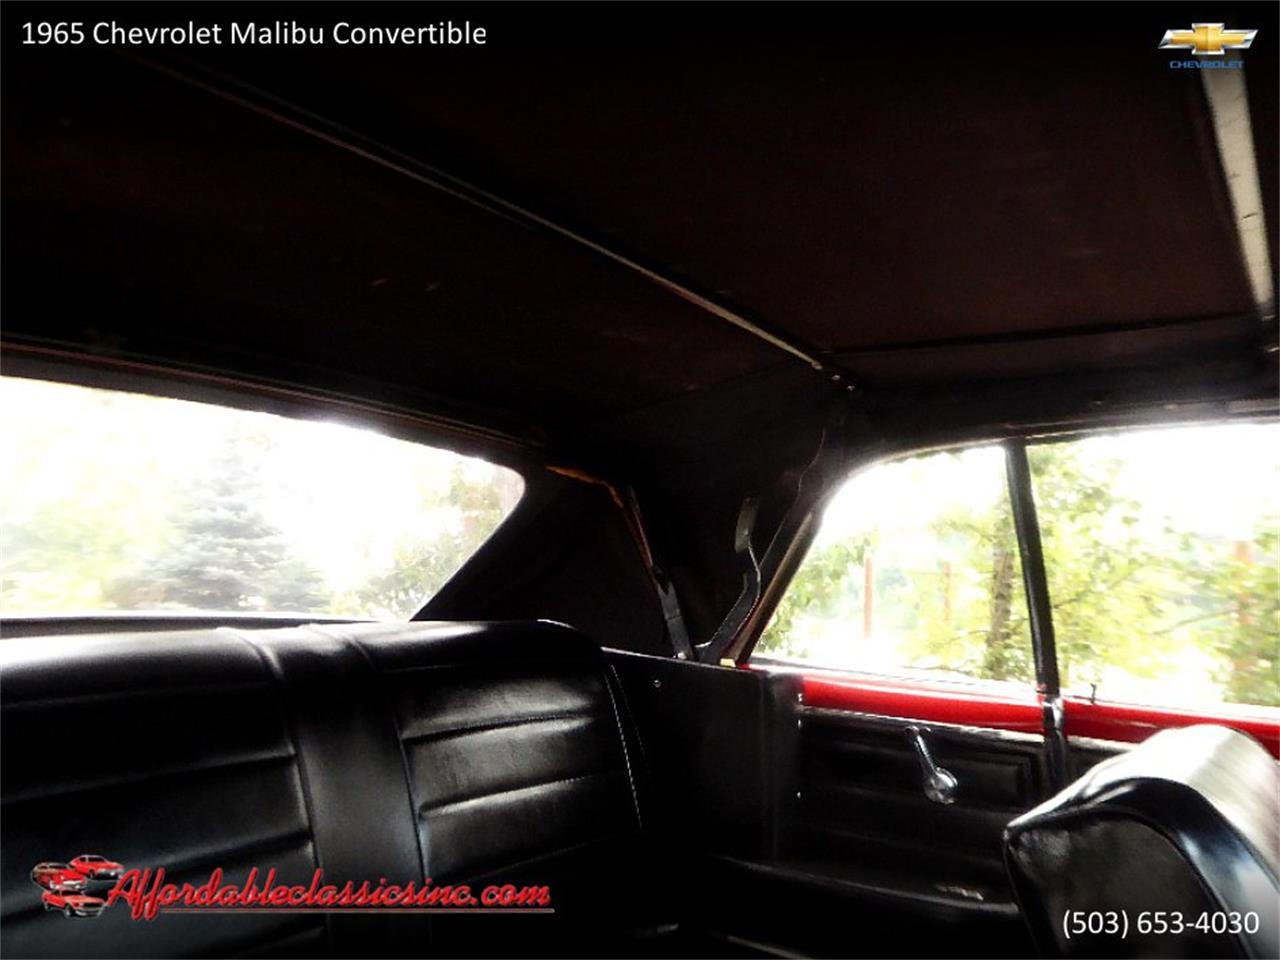 1965 Chevrolet Malibu (CC-1235204) for sale in Gladstone, Oregon